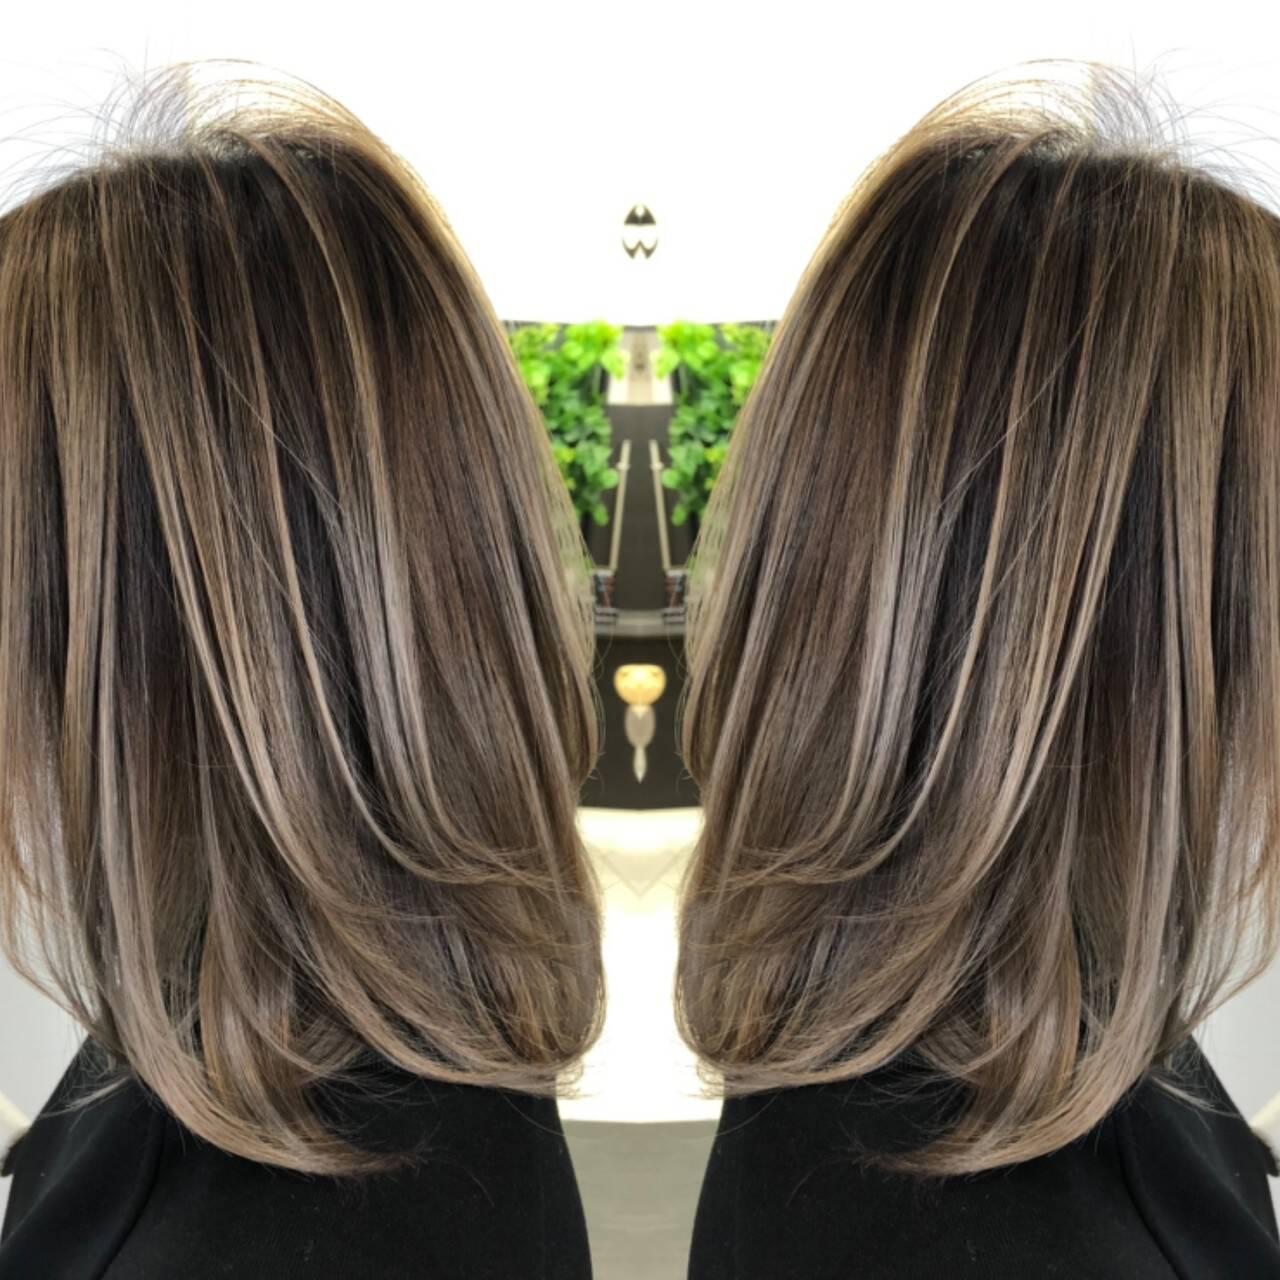 グレージュ イルミナカラー バレイヤージュ グラデーションカラーヘアスタイルや髪型の写真・画像